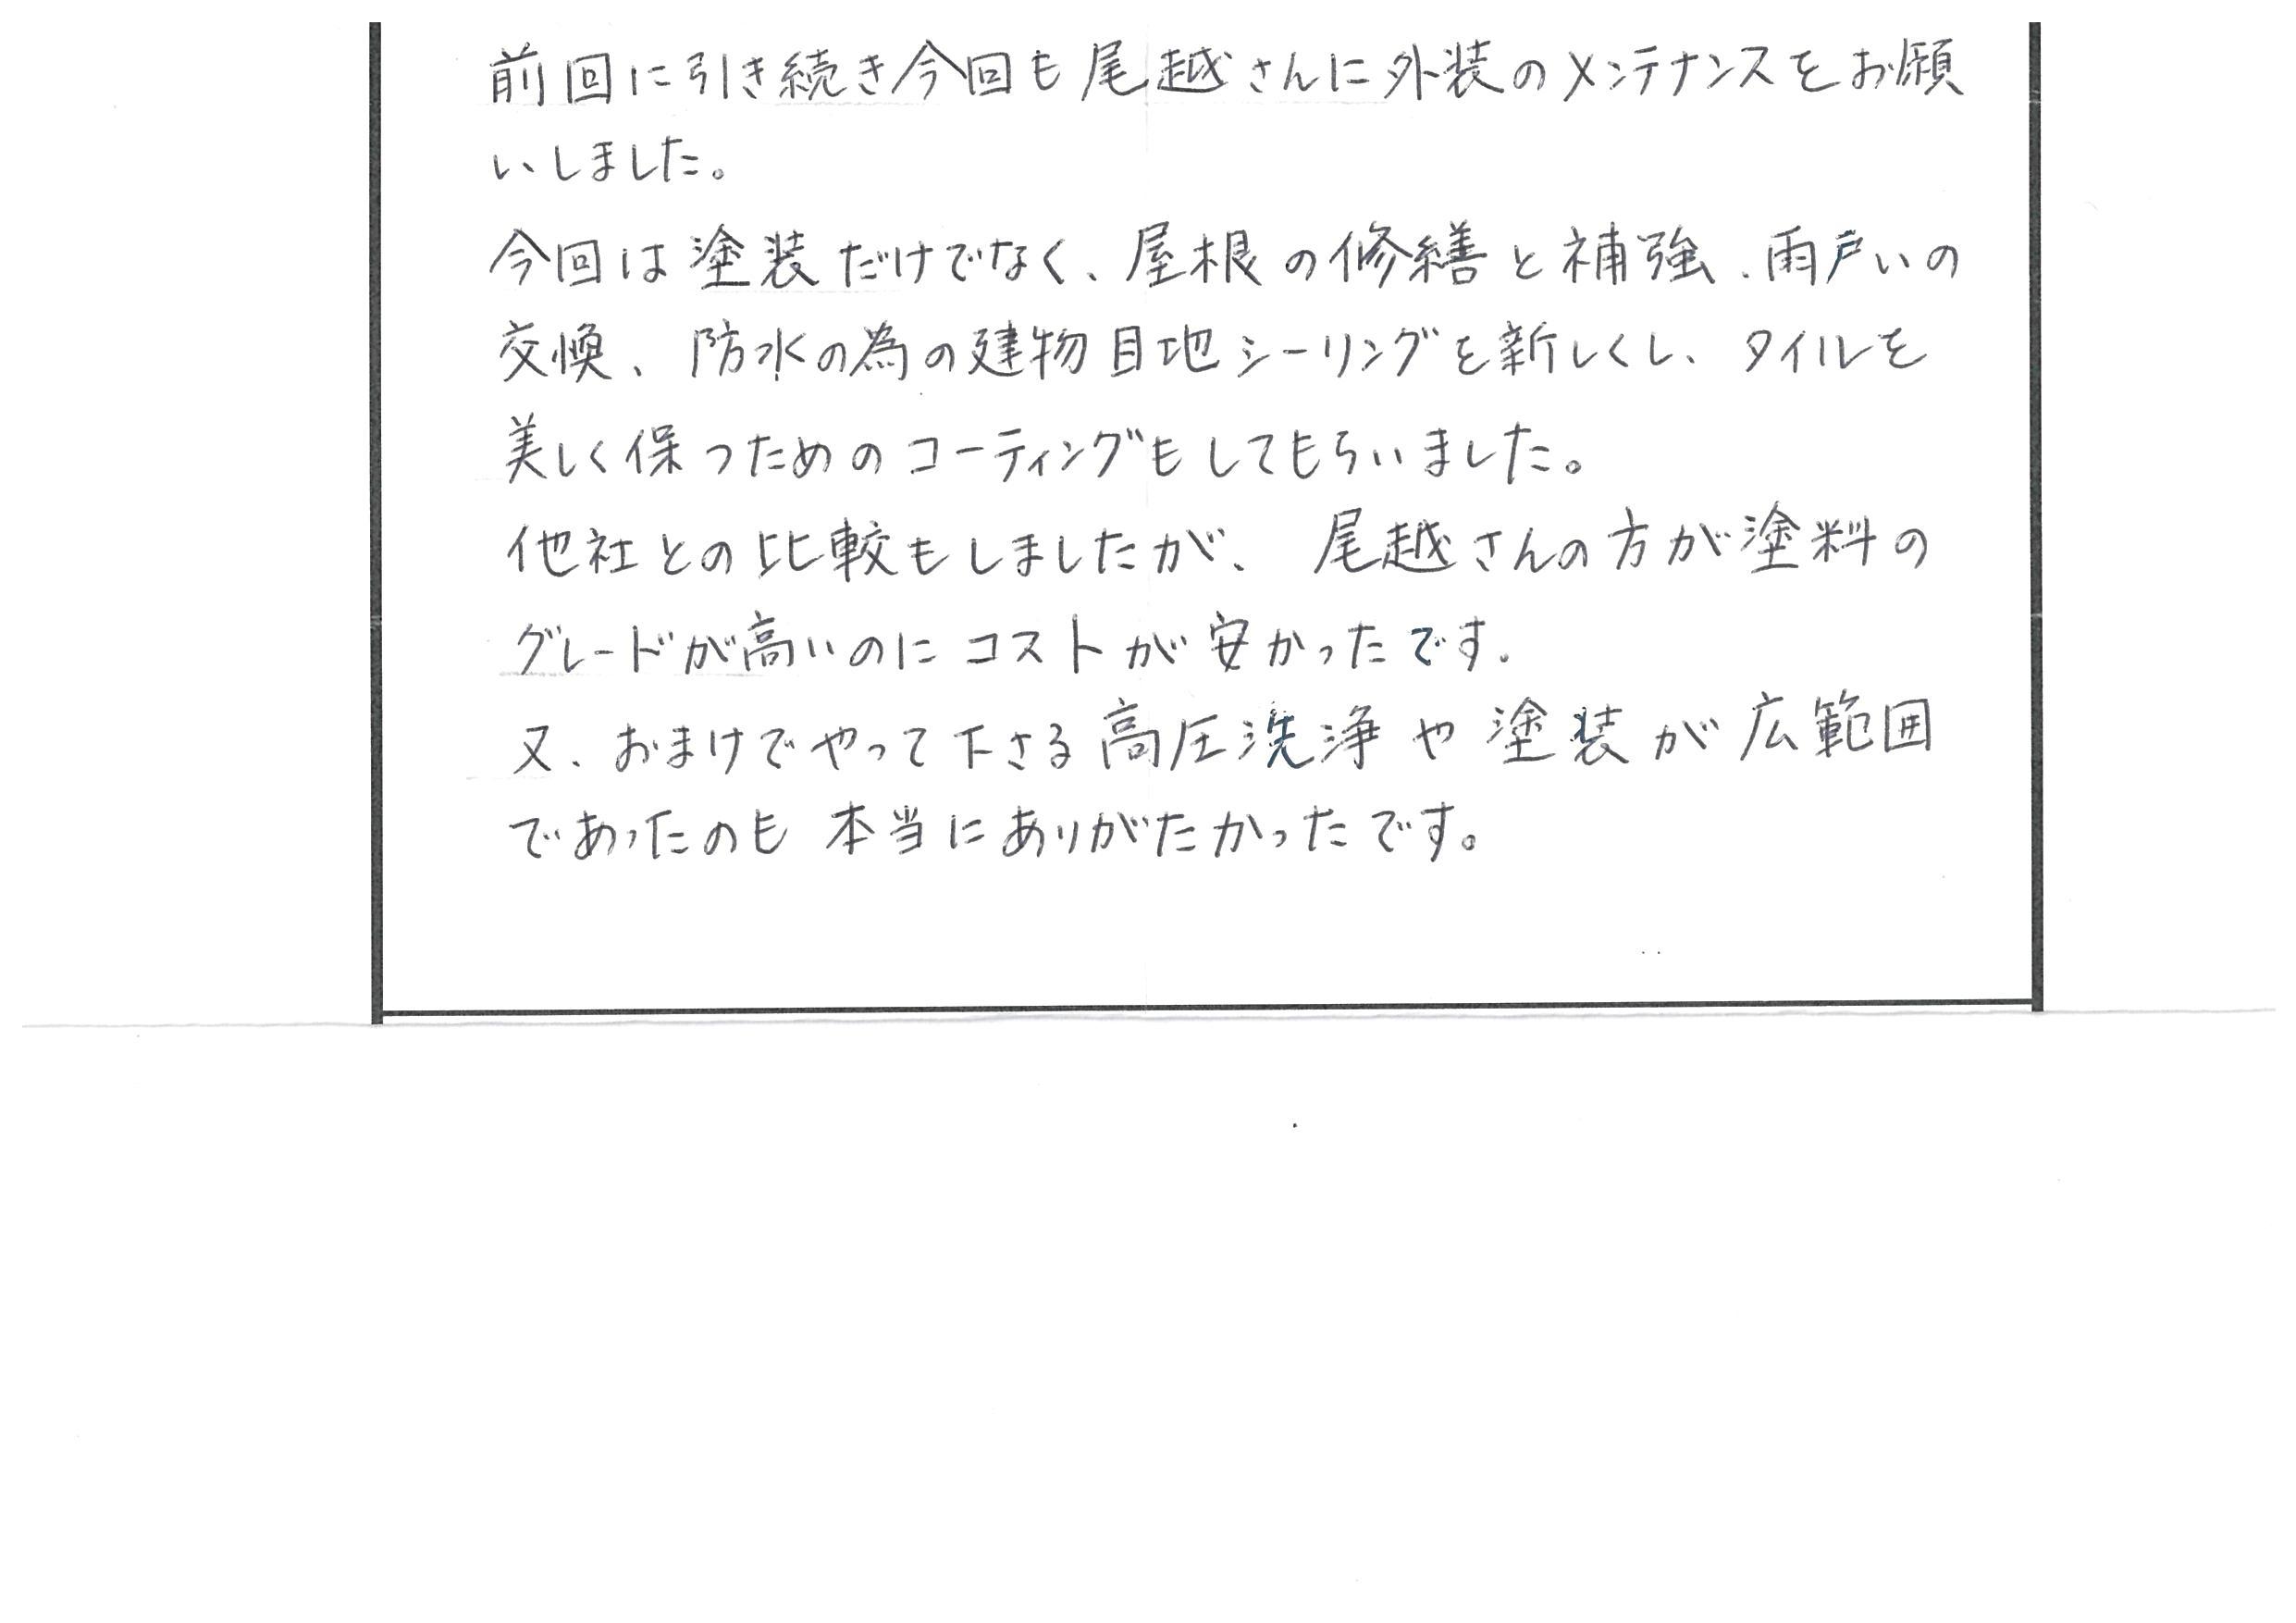 浜松市 中区 葵東 藤井歯科クリニック様